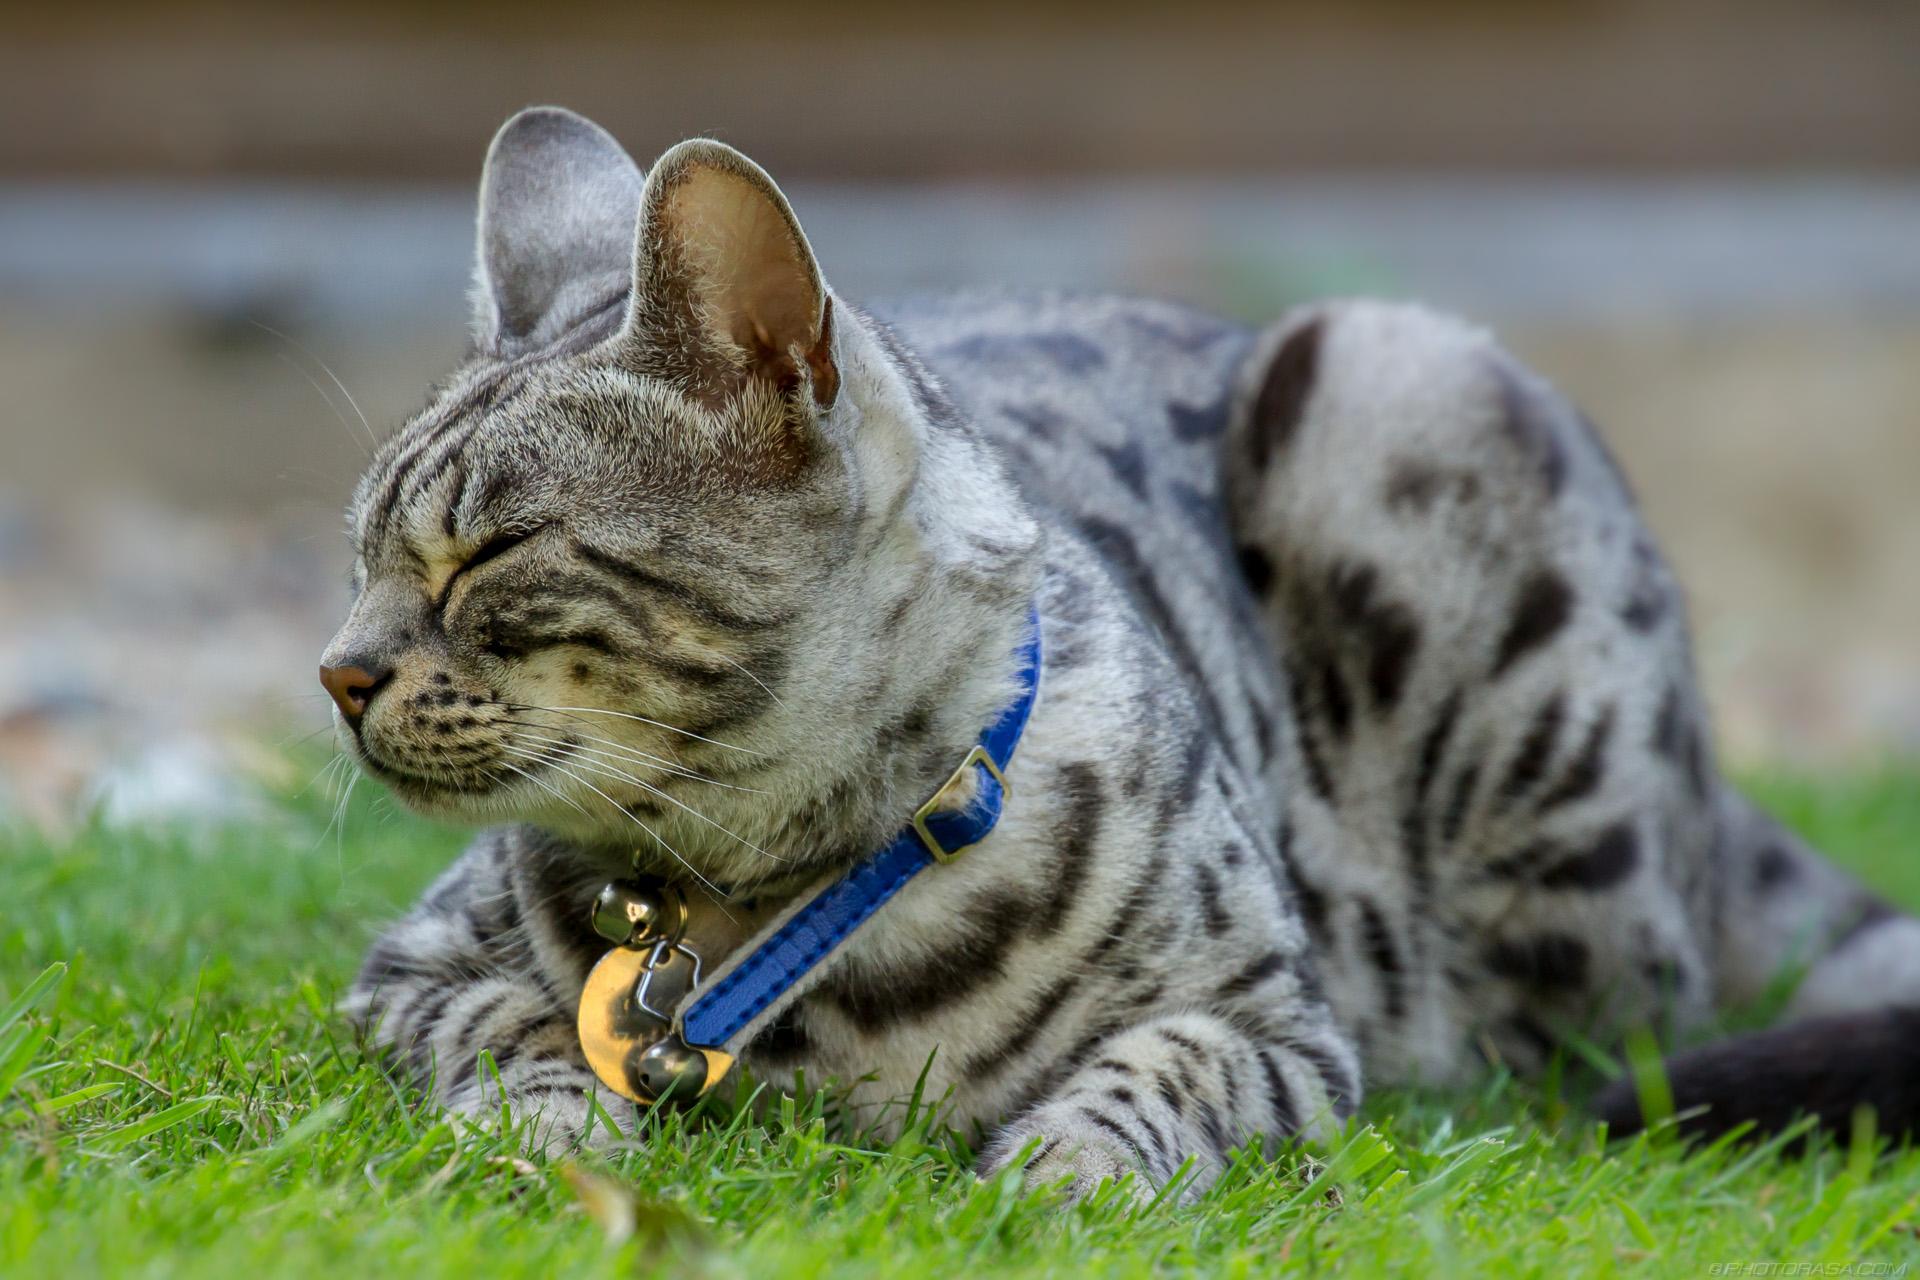 https://photorasa.com/silver-tabby-cat/sleepy-closed-eyes/